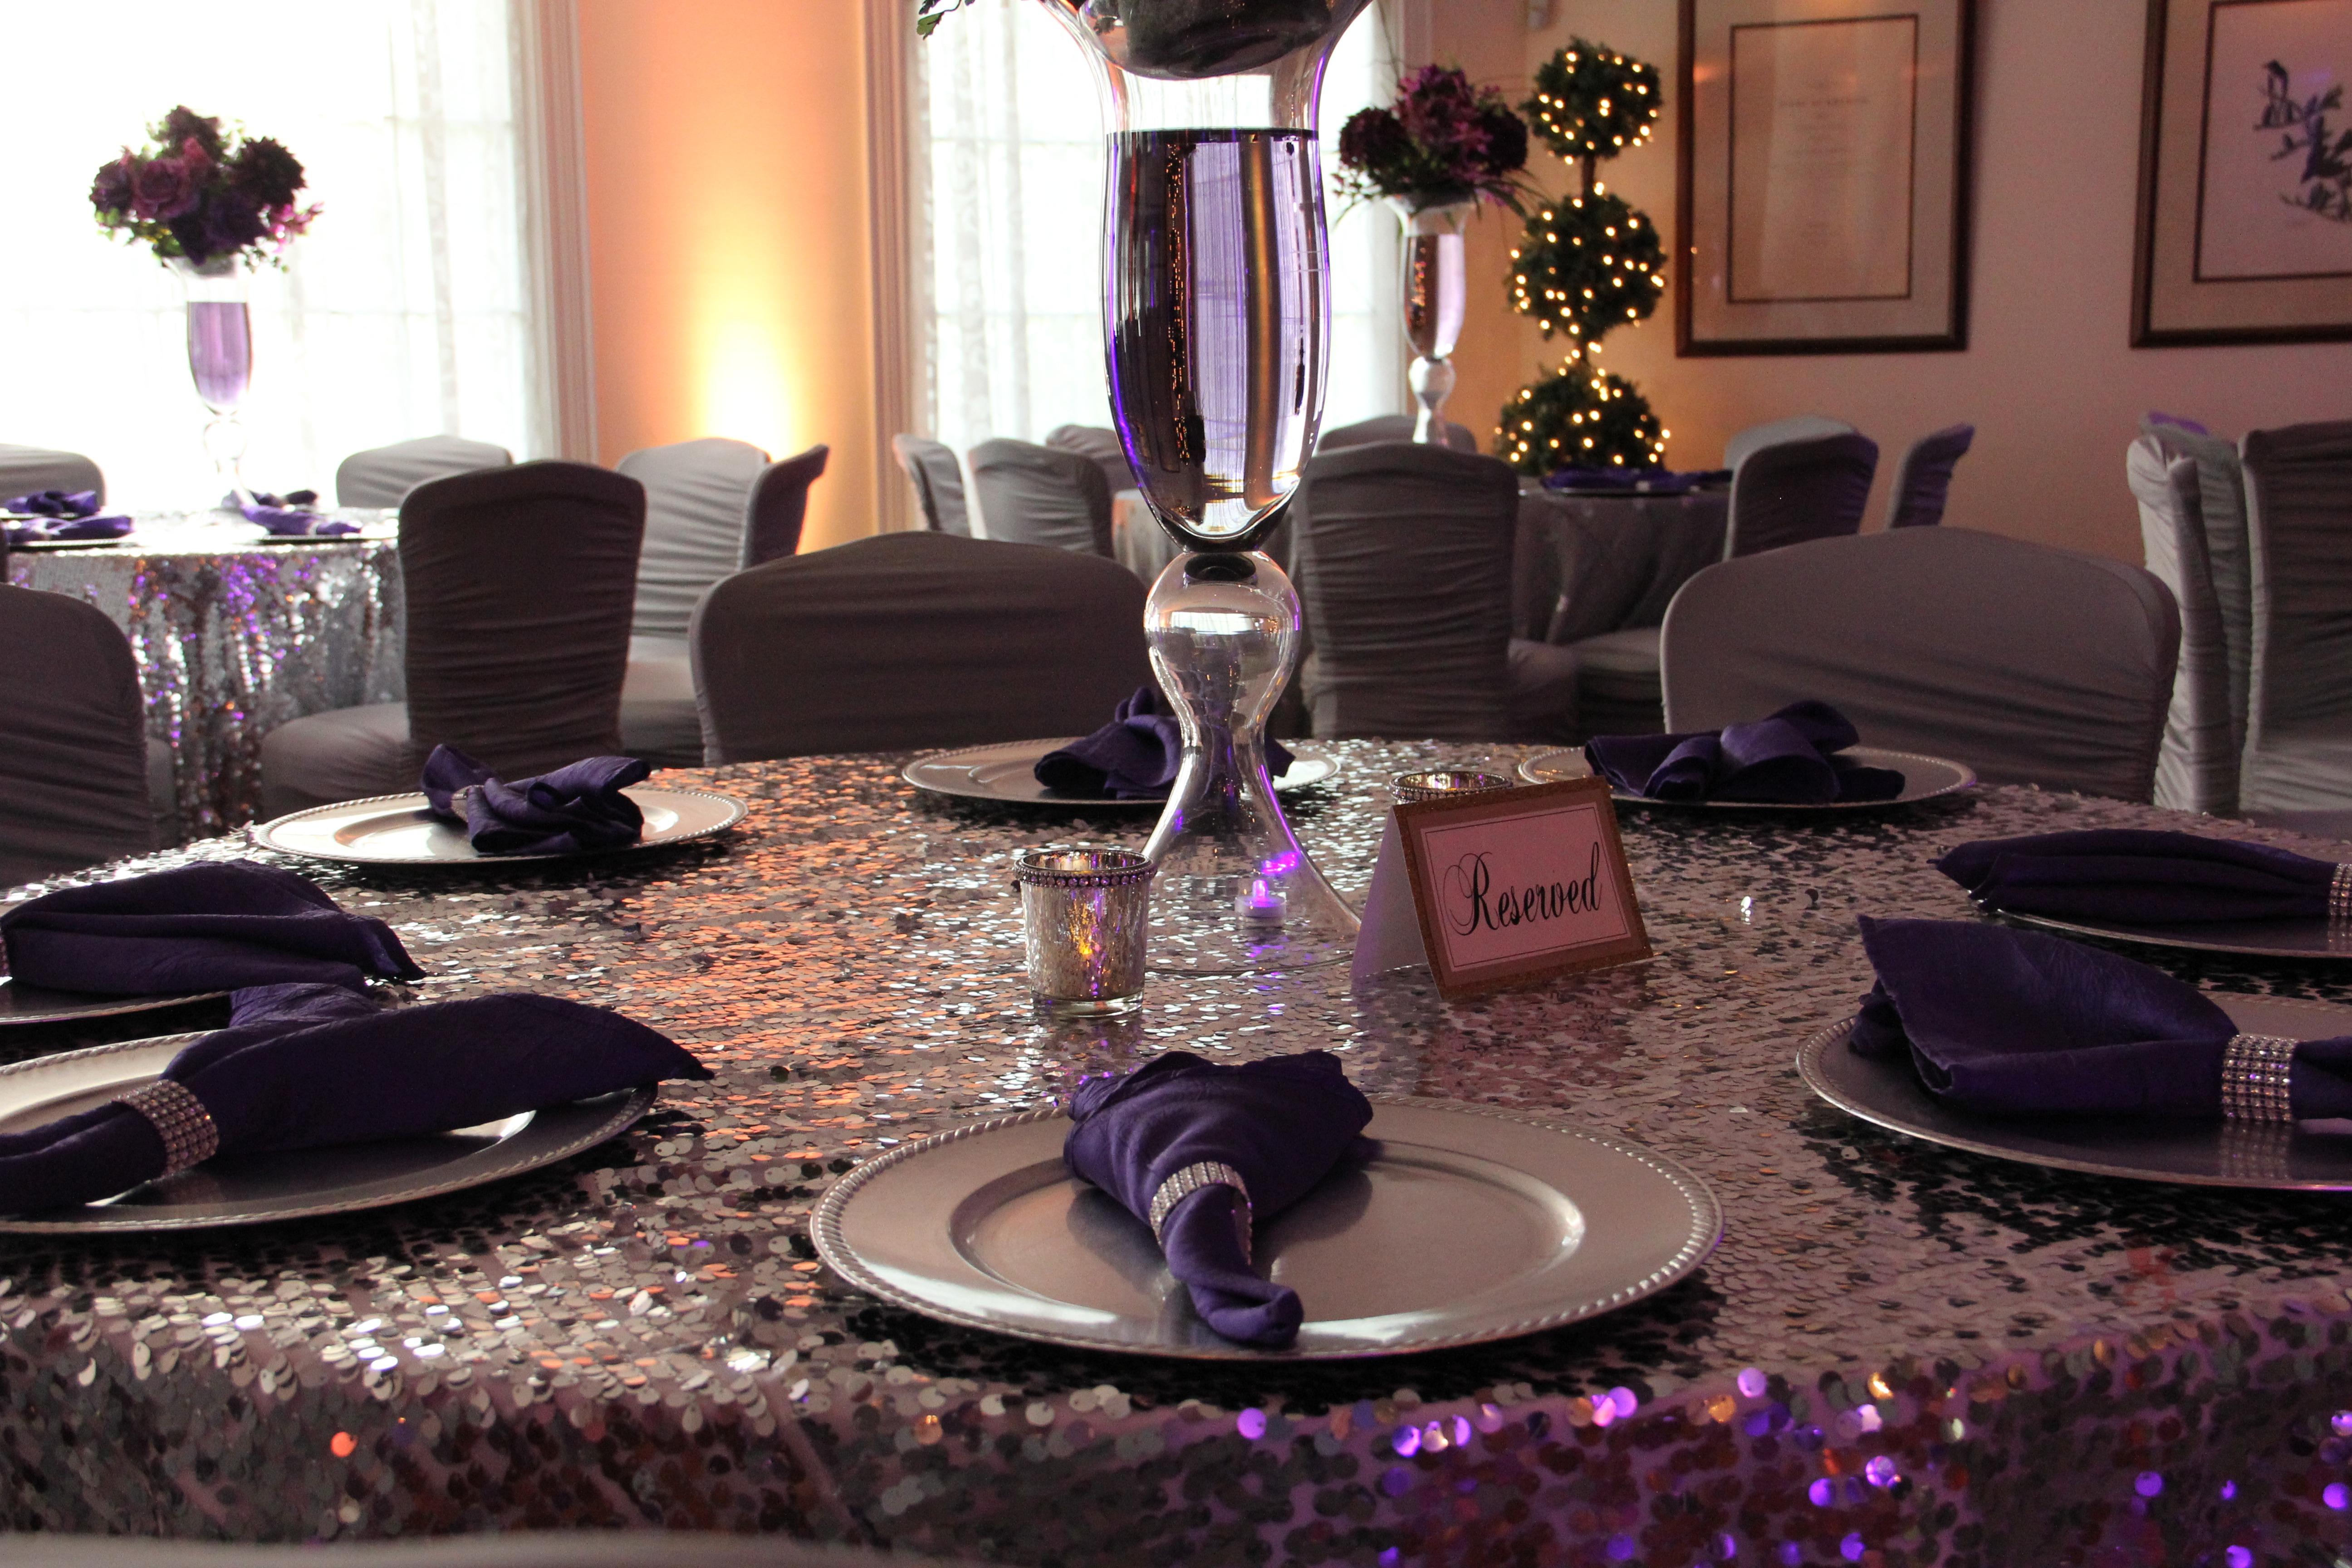 무료 이미지 : 표, 의자, 레스토랑, 축하, 플레이트, 거실, 가구 ...